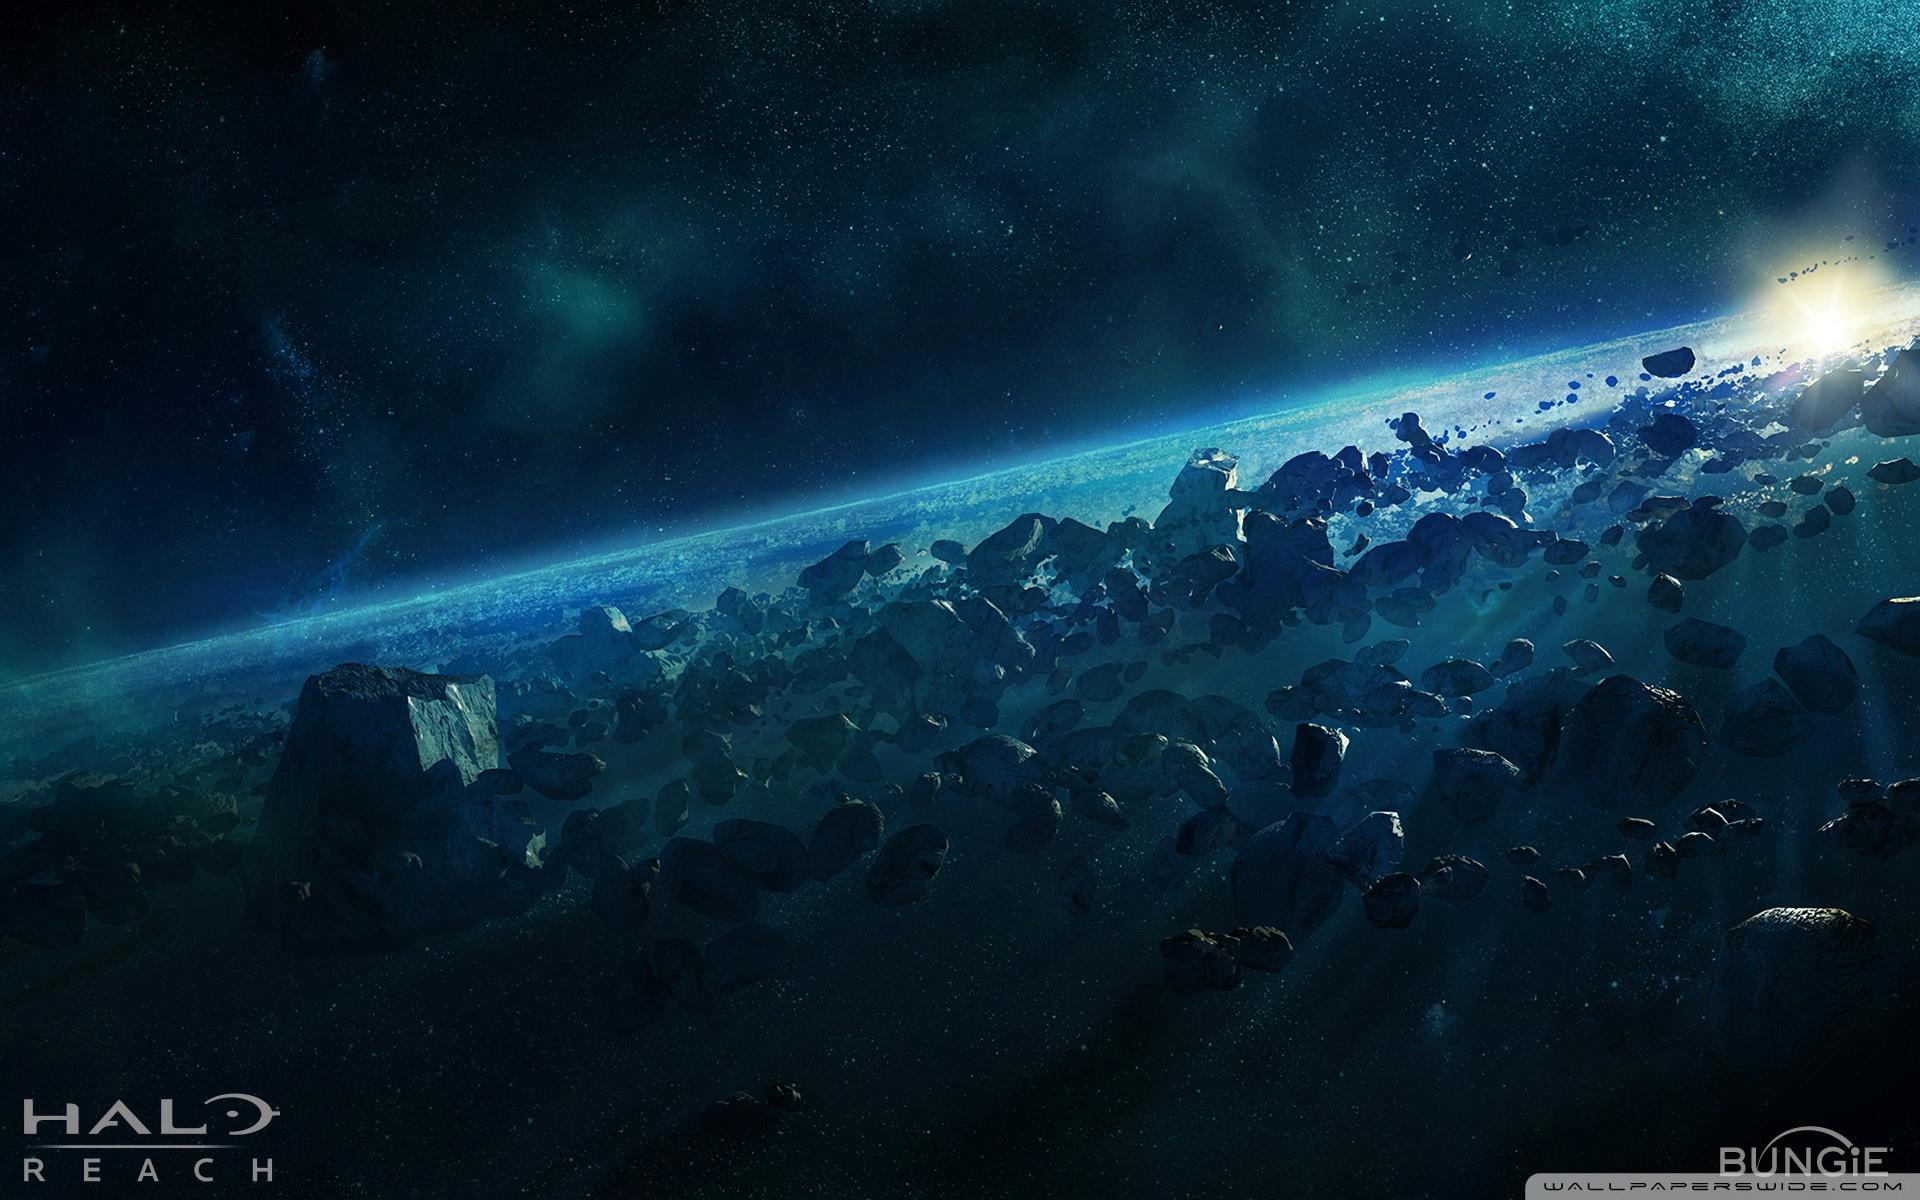 halo_reach_asteroid-wallpaper-1920x1200.jpg